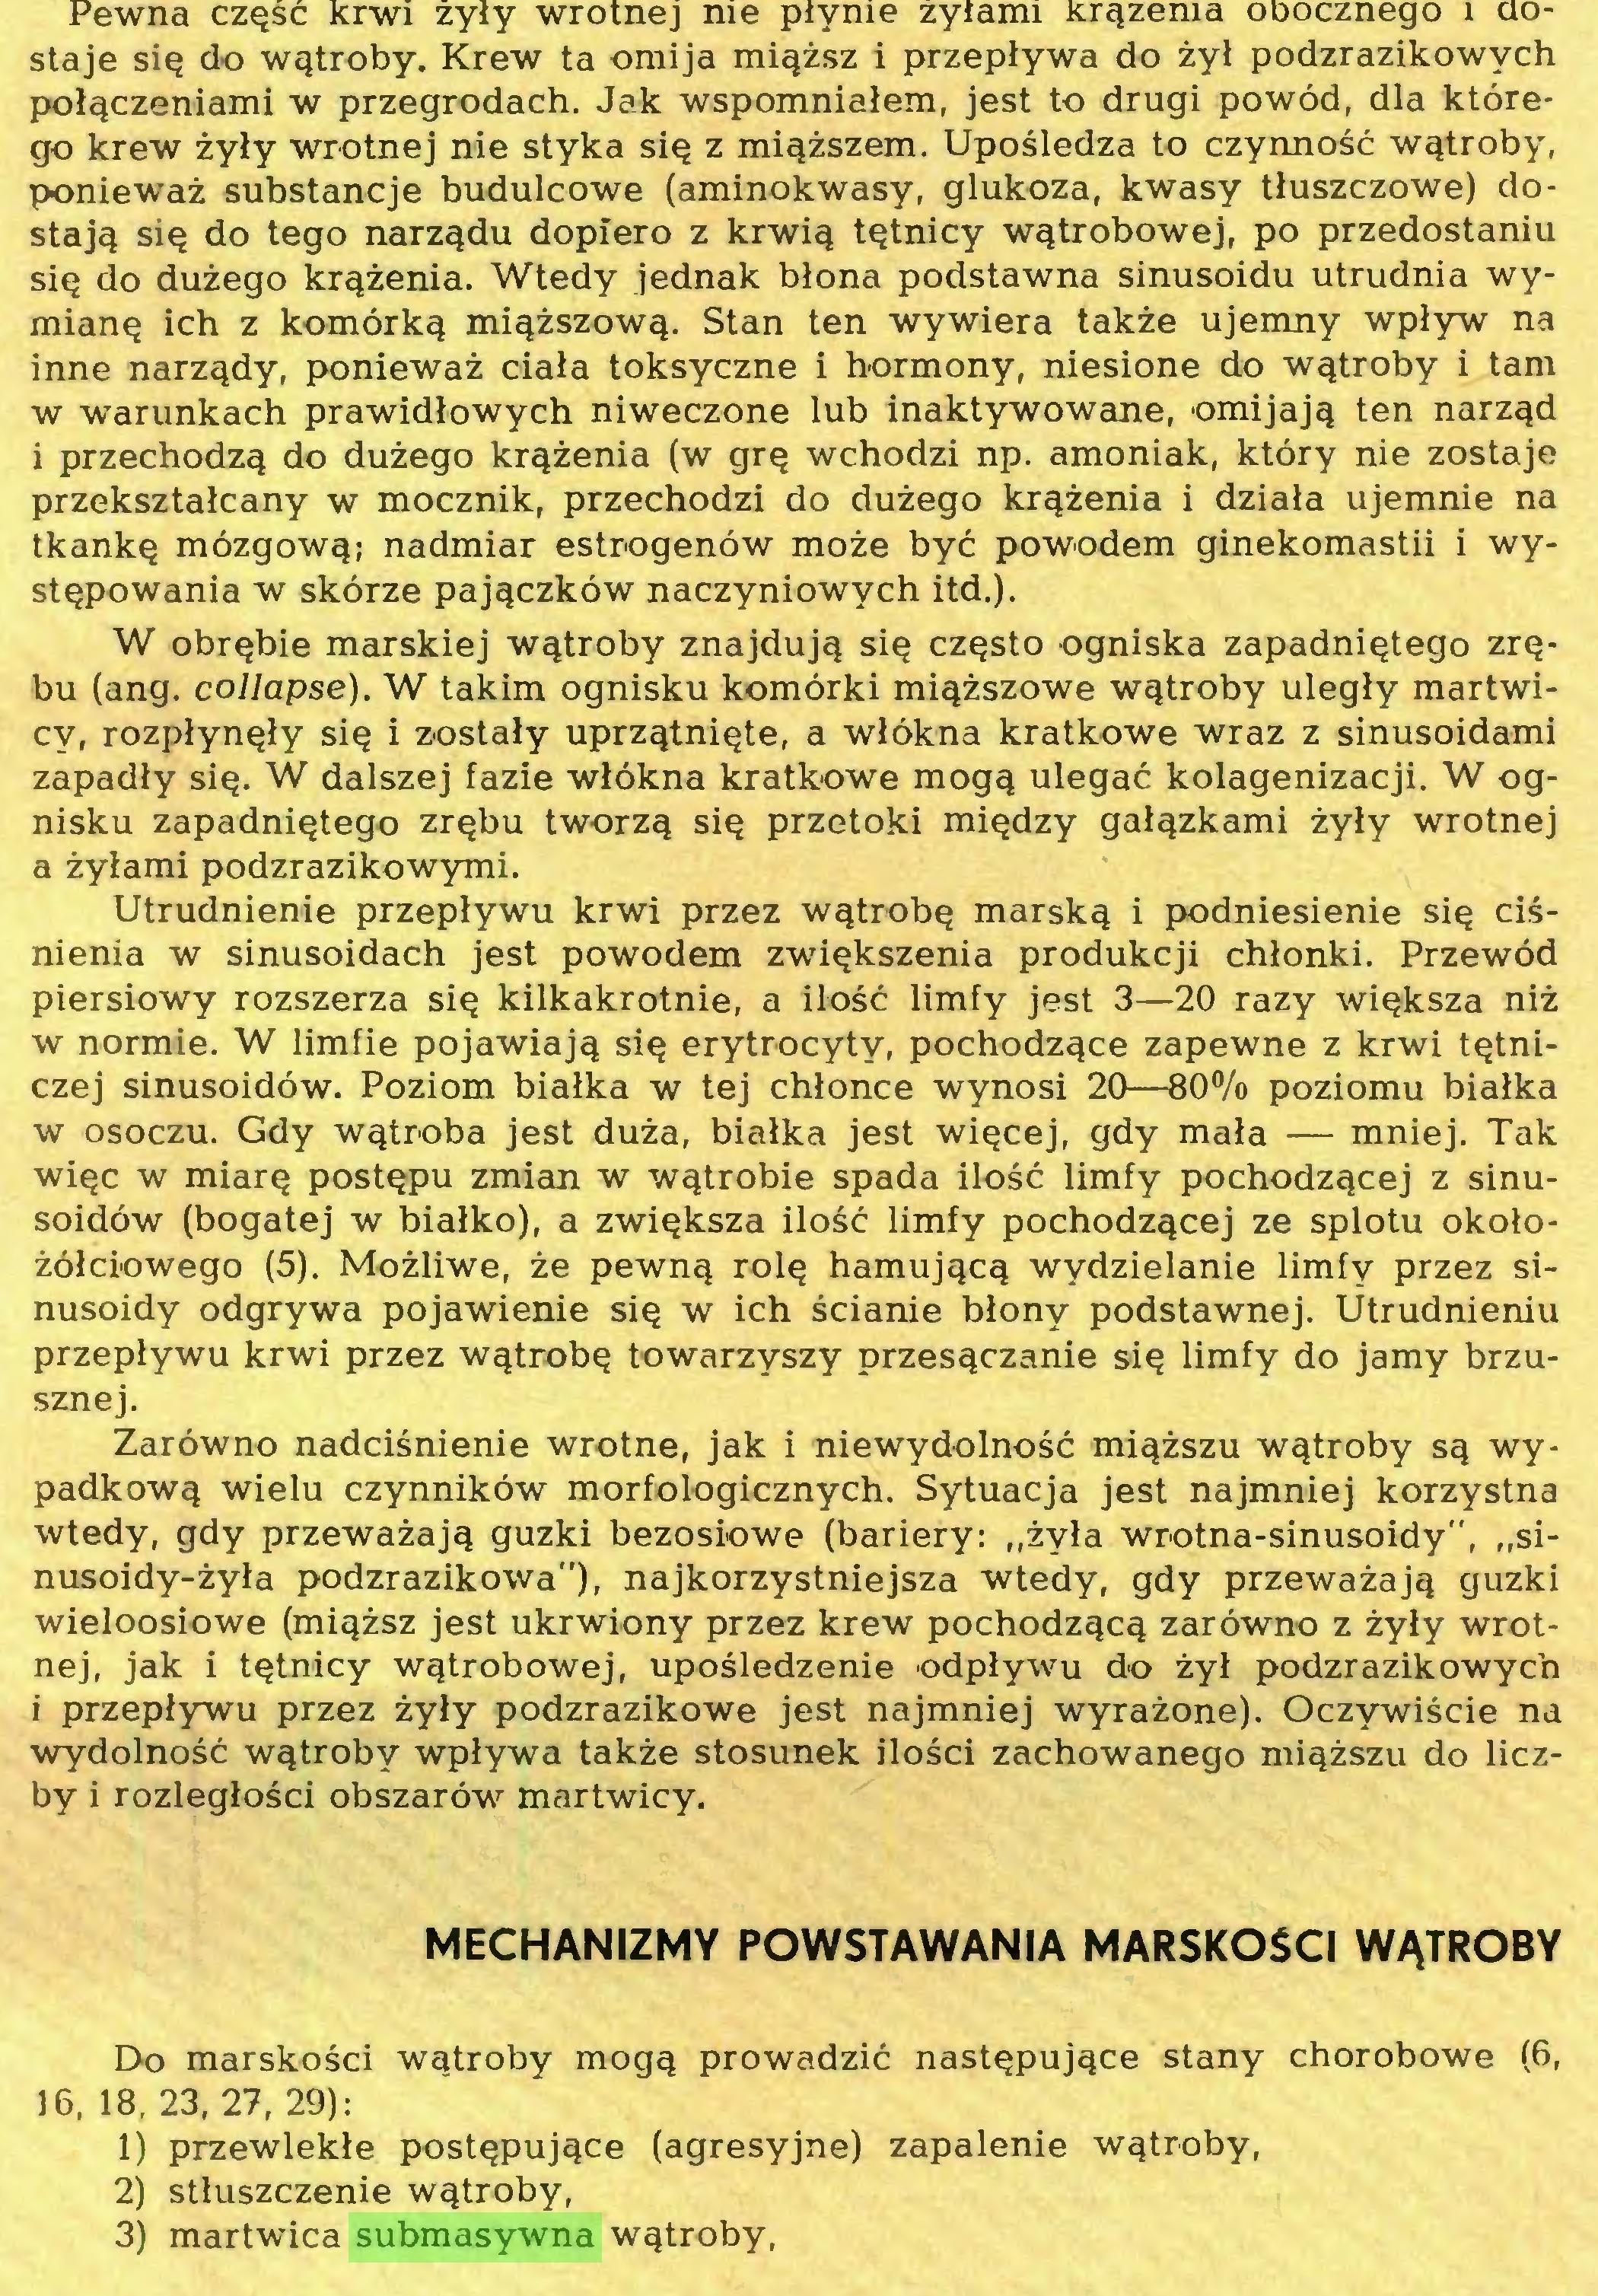 (...) Do marskości wątroby mogą prowadzić następujące stany chorobowe (6, 16, 18, 23, 27, 29): 1) przewlekłe postępujące (agresyjne) zapalenie wątroby, 2) stłuszczenie wątroby, 3) martwica submasywna wątroby, Tabela IX-I...